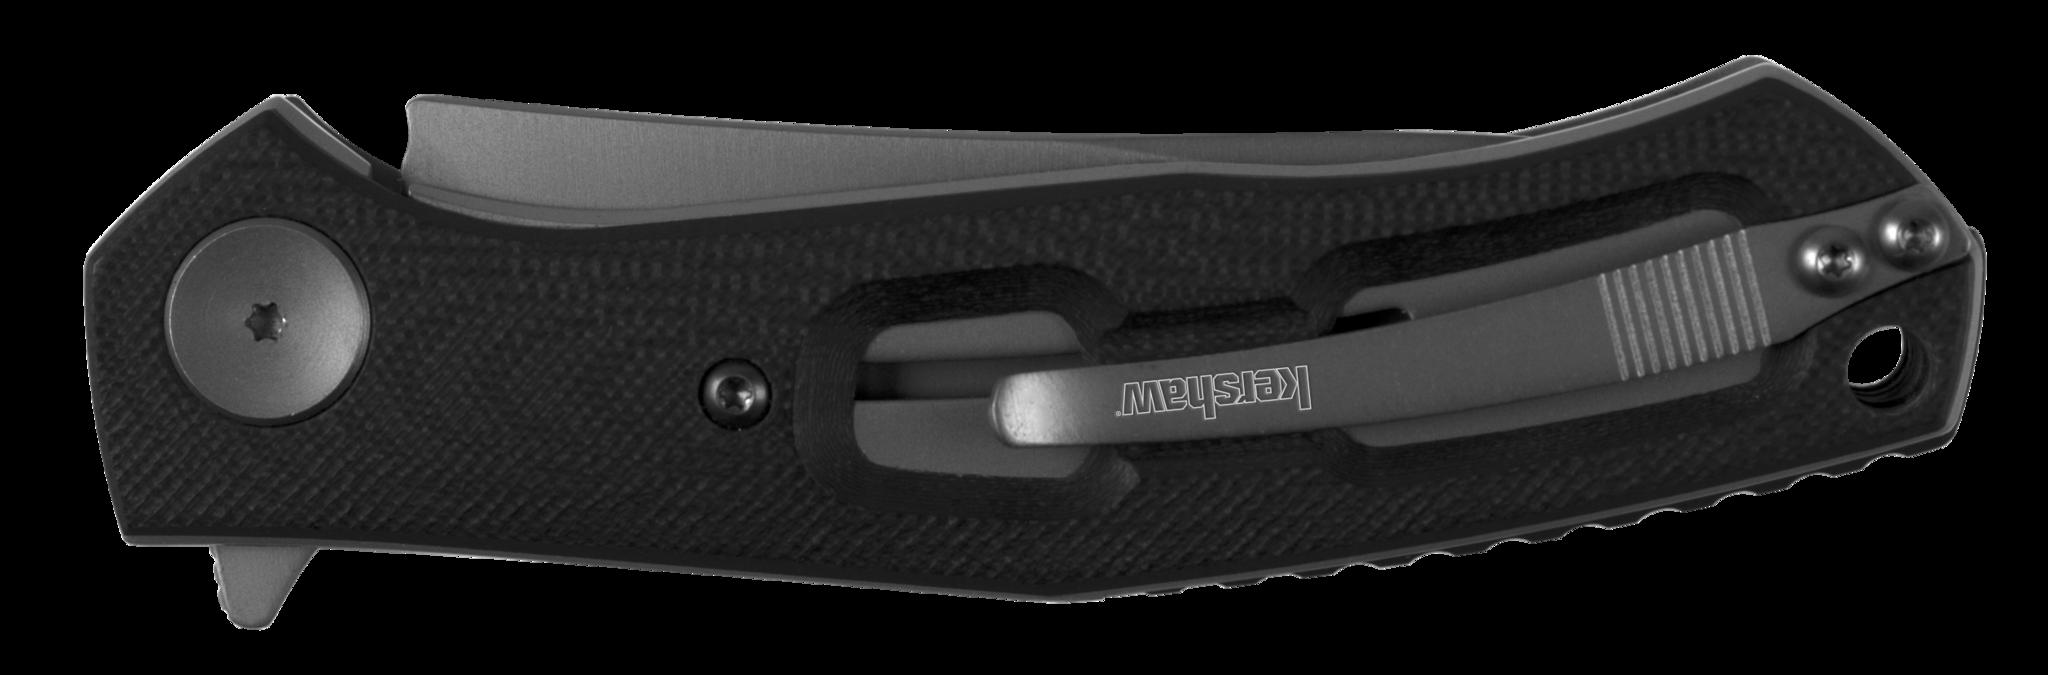 Фото 6 - Складной нож Kershaw Concierge 4020, сталь 8Cr13MoV, рукоять G-10